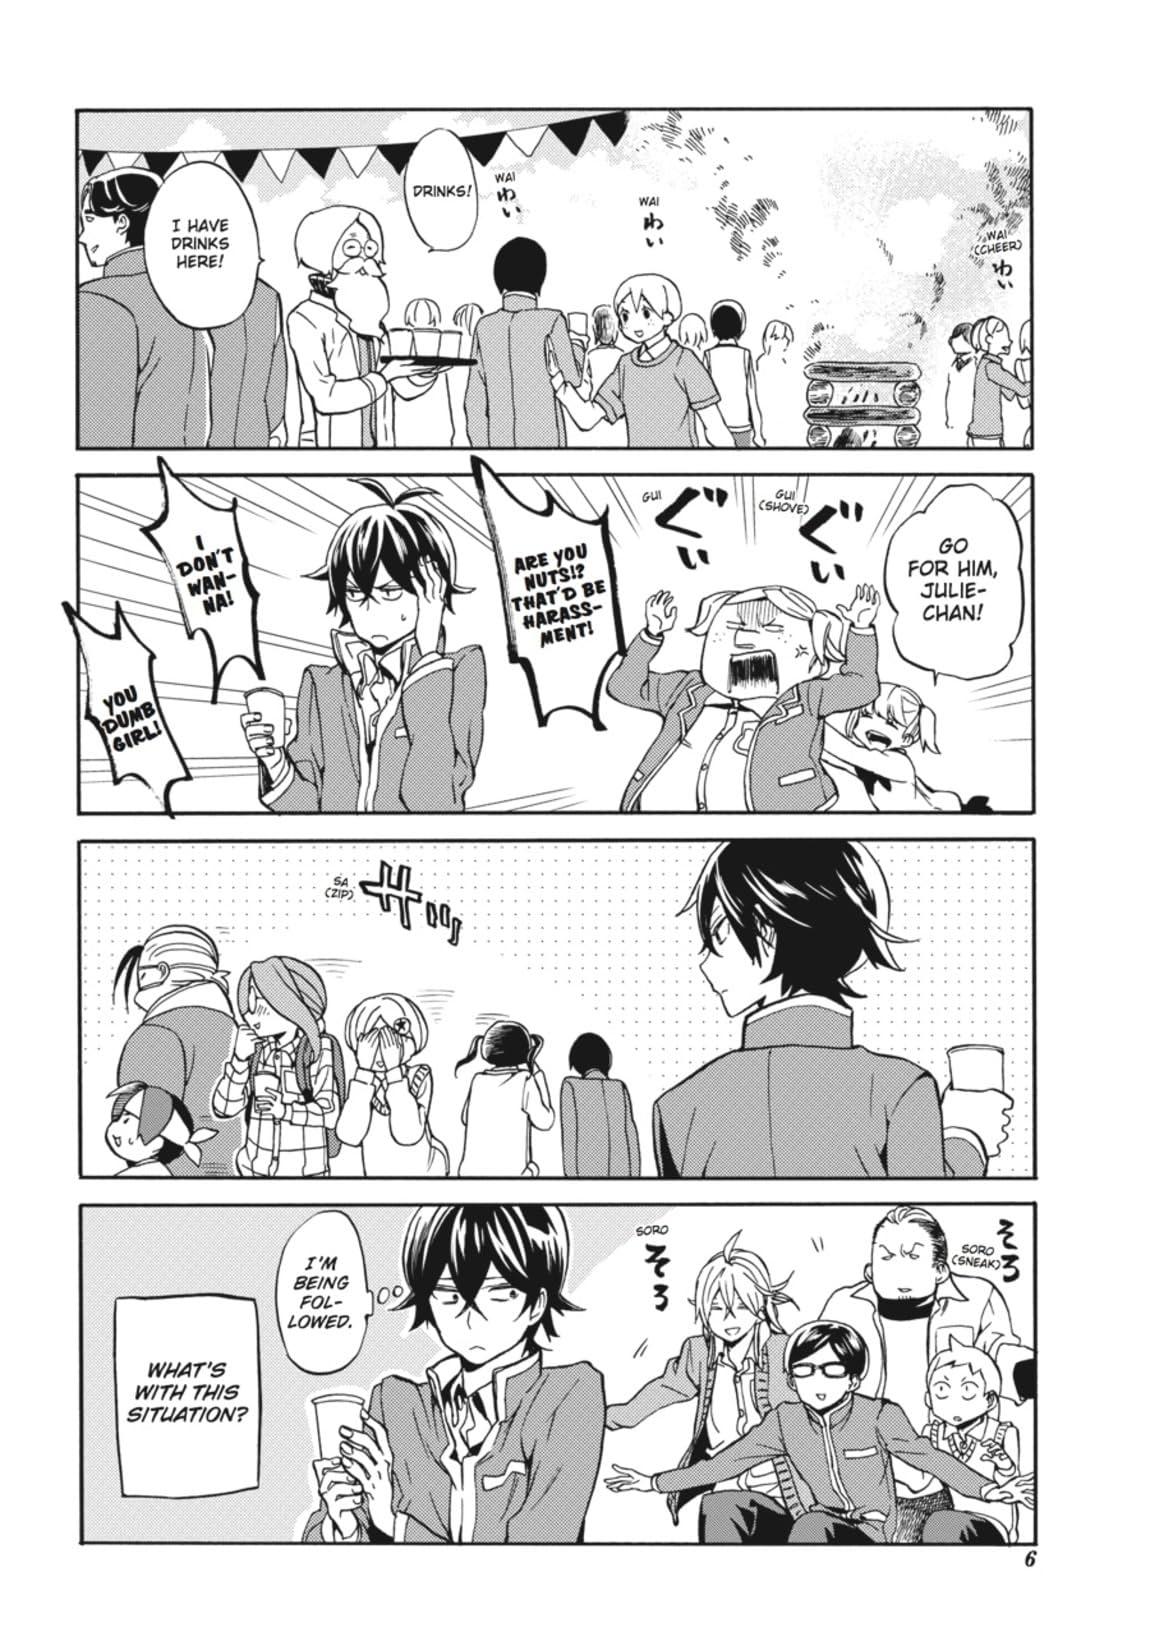 Handa-kun #31